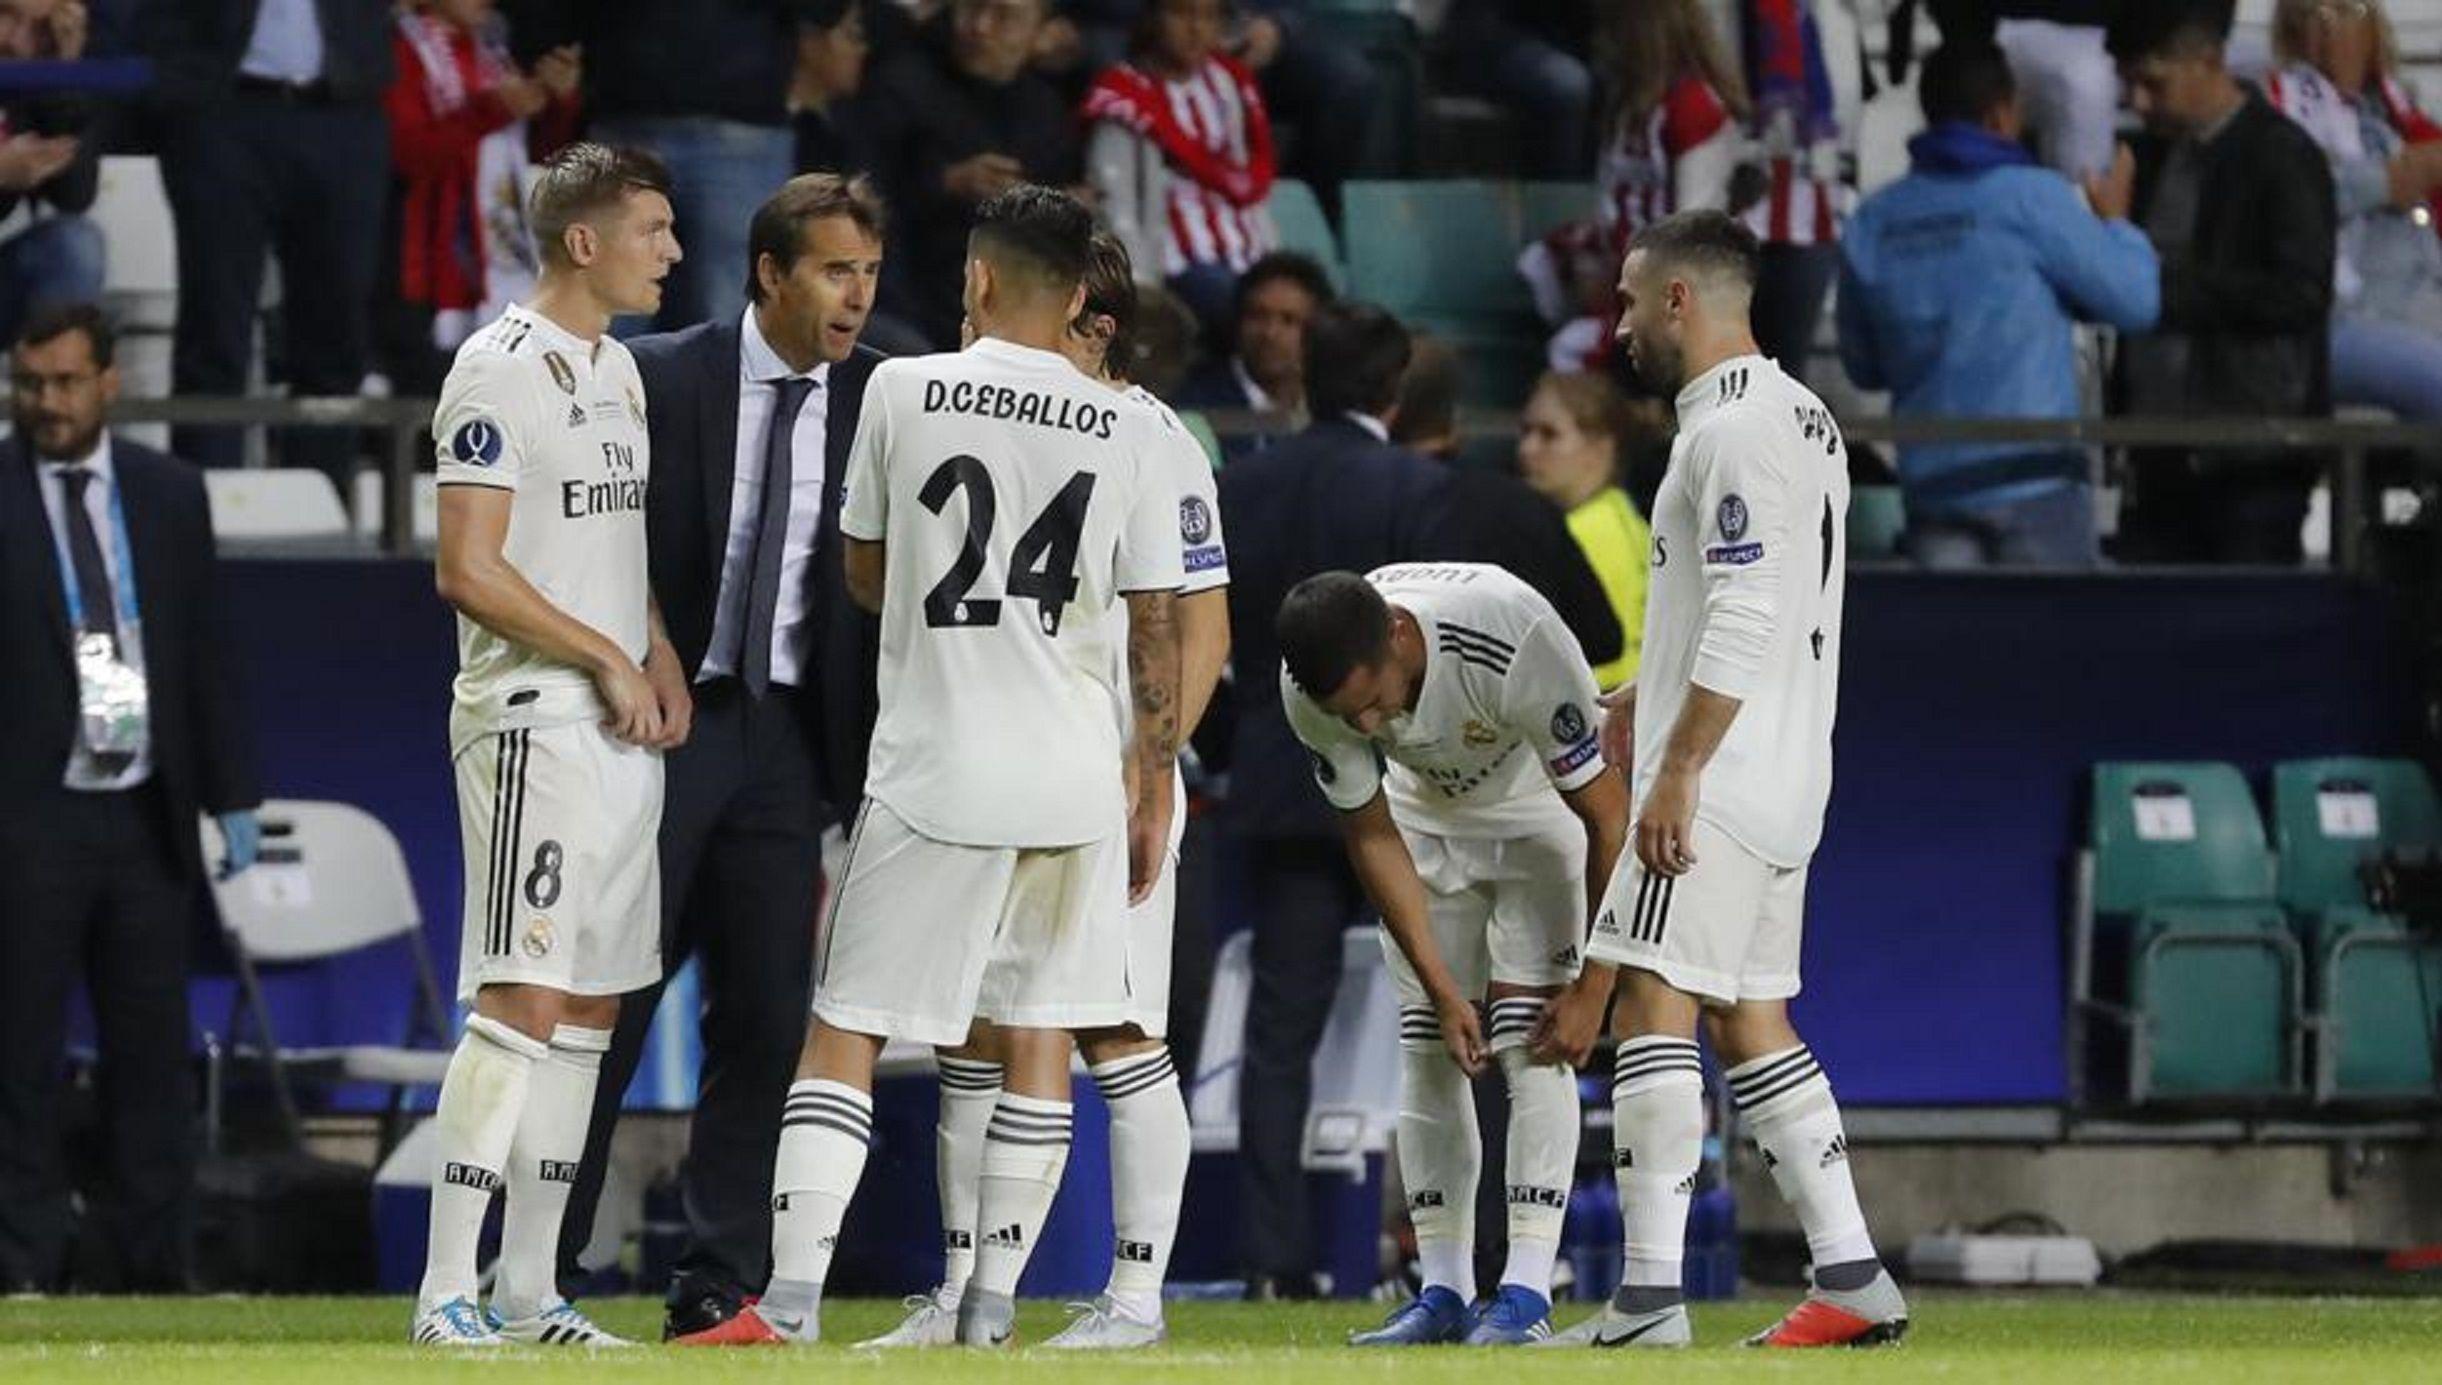 Simeone lo hizo: Real Madrid perdió una final internacional después de casi 18 años